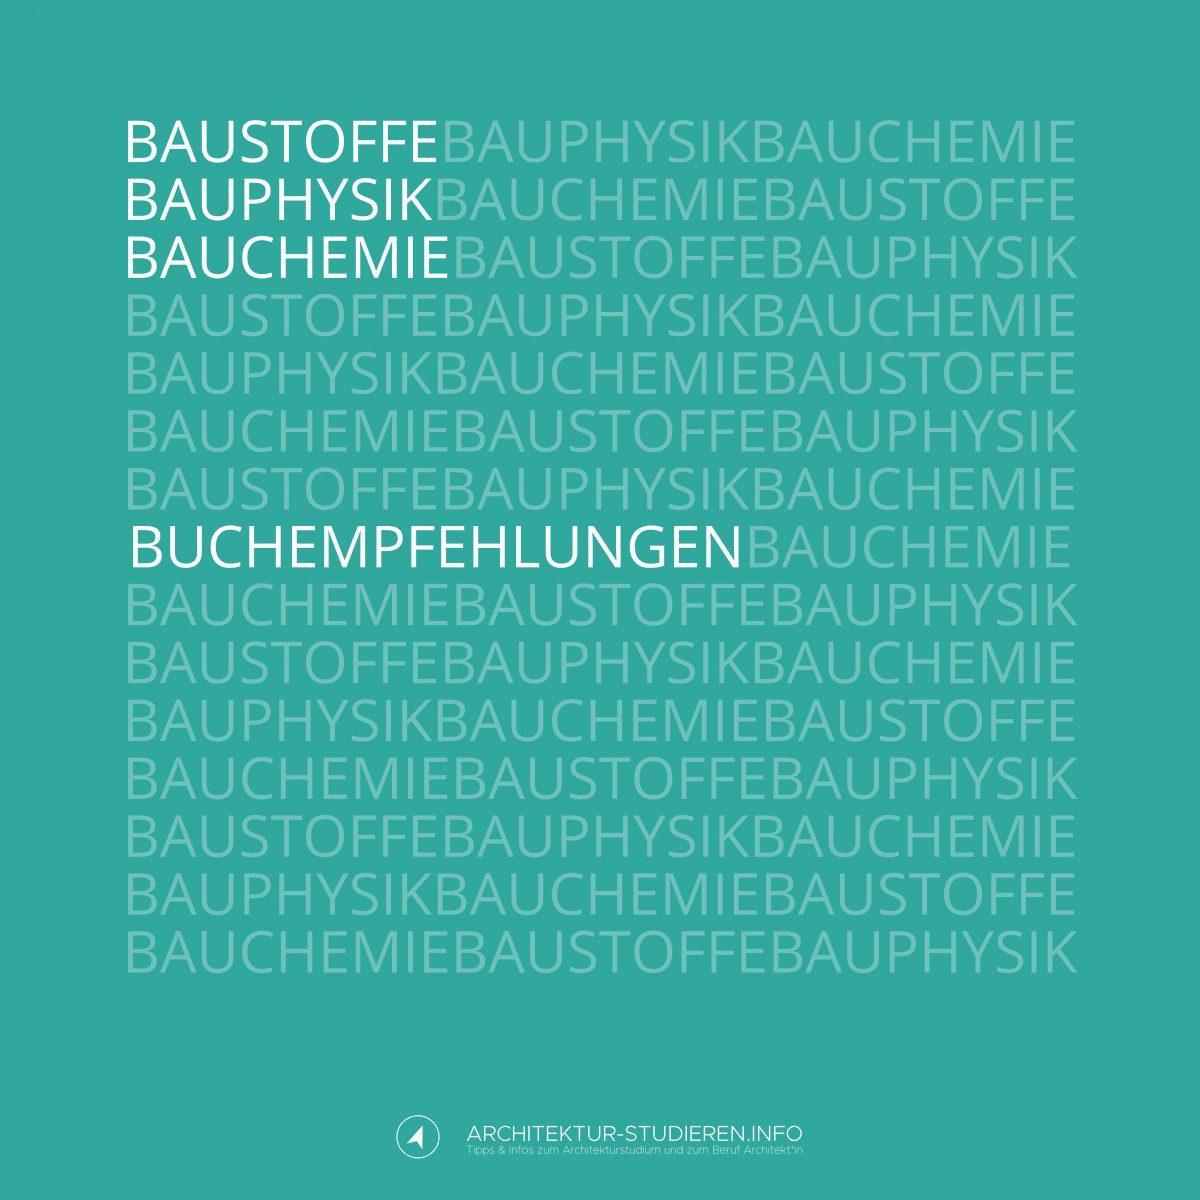 Bücher: Bauphysik Baustofflehre Bauchemie | © Anett Ring, Architektur-studieren.info